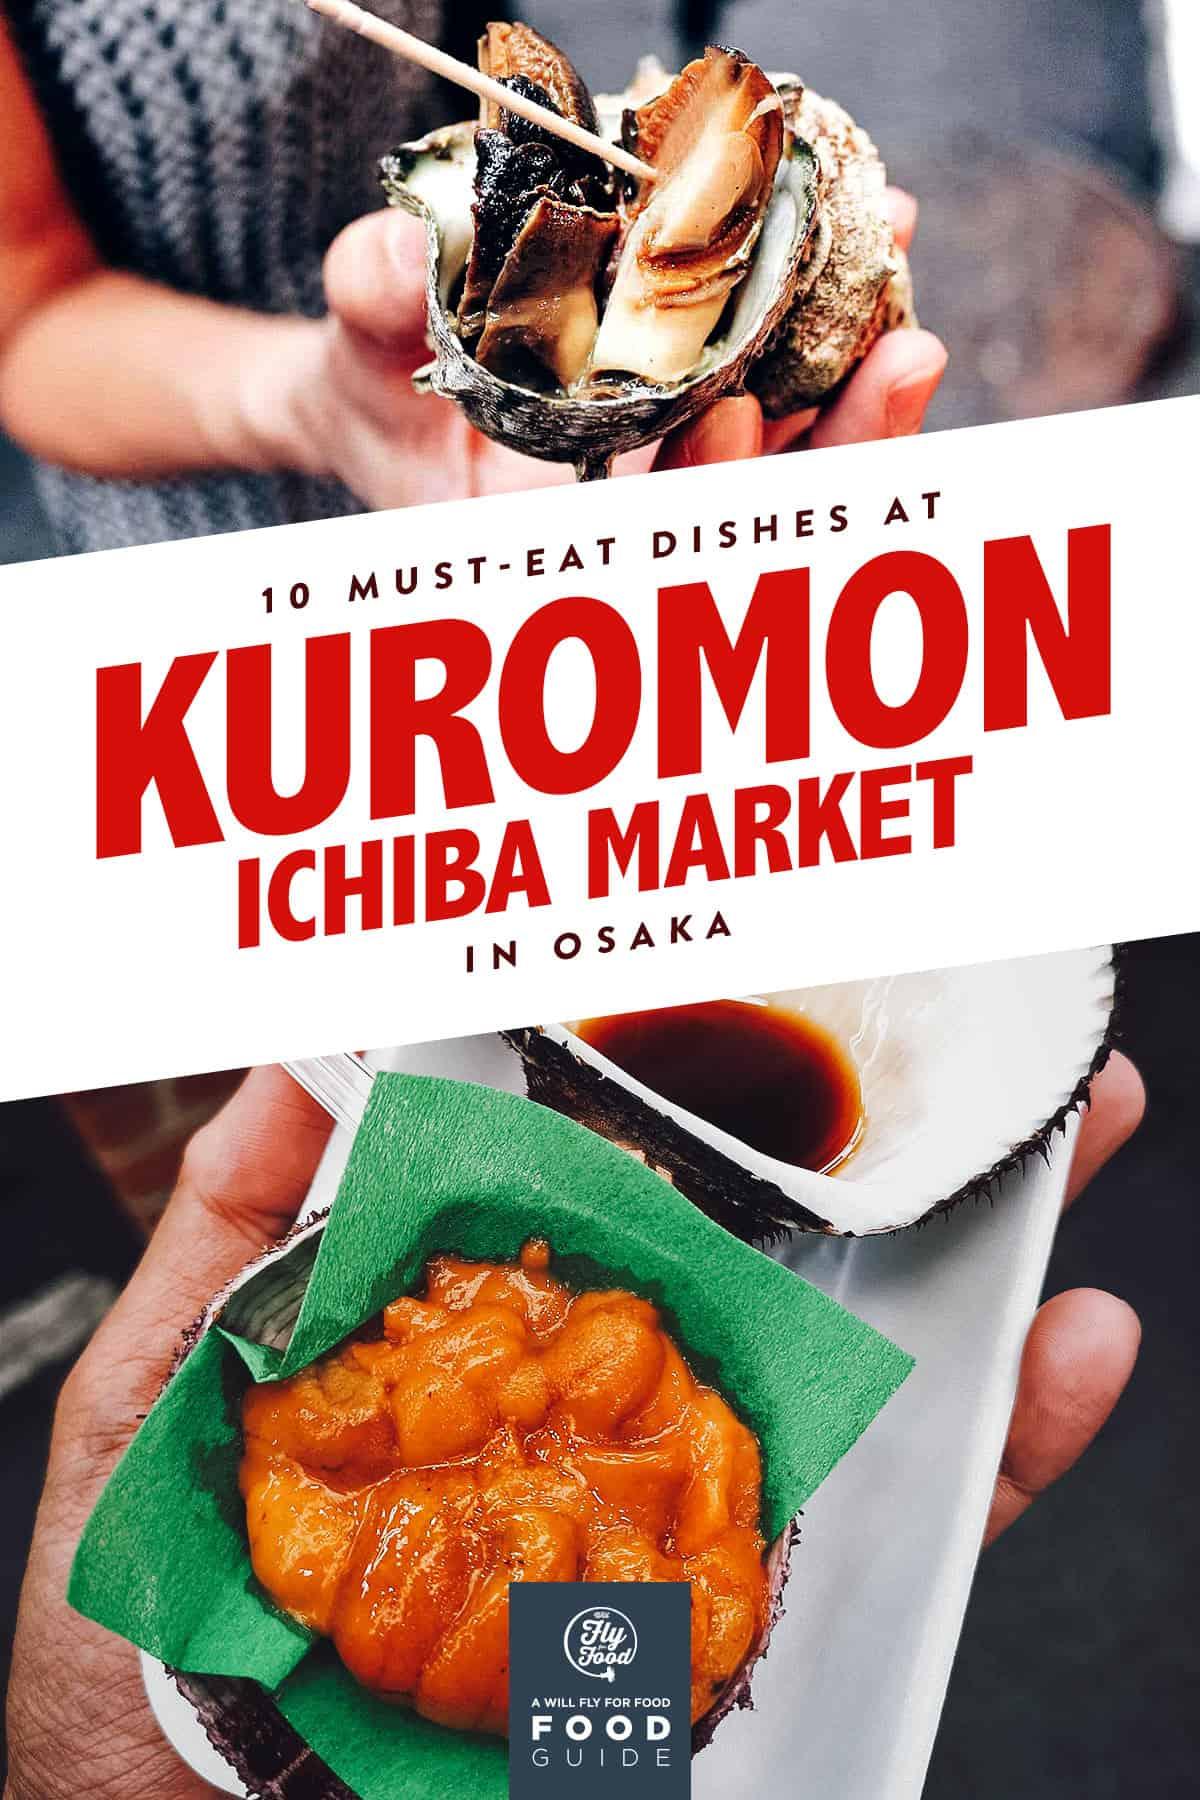 Giant snail and uni at Kuromon Ichiba Market